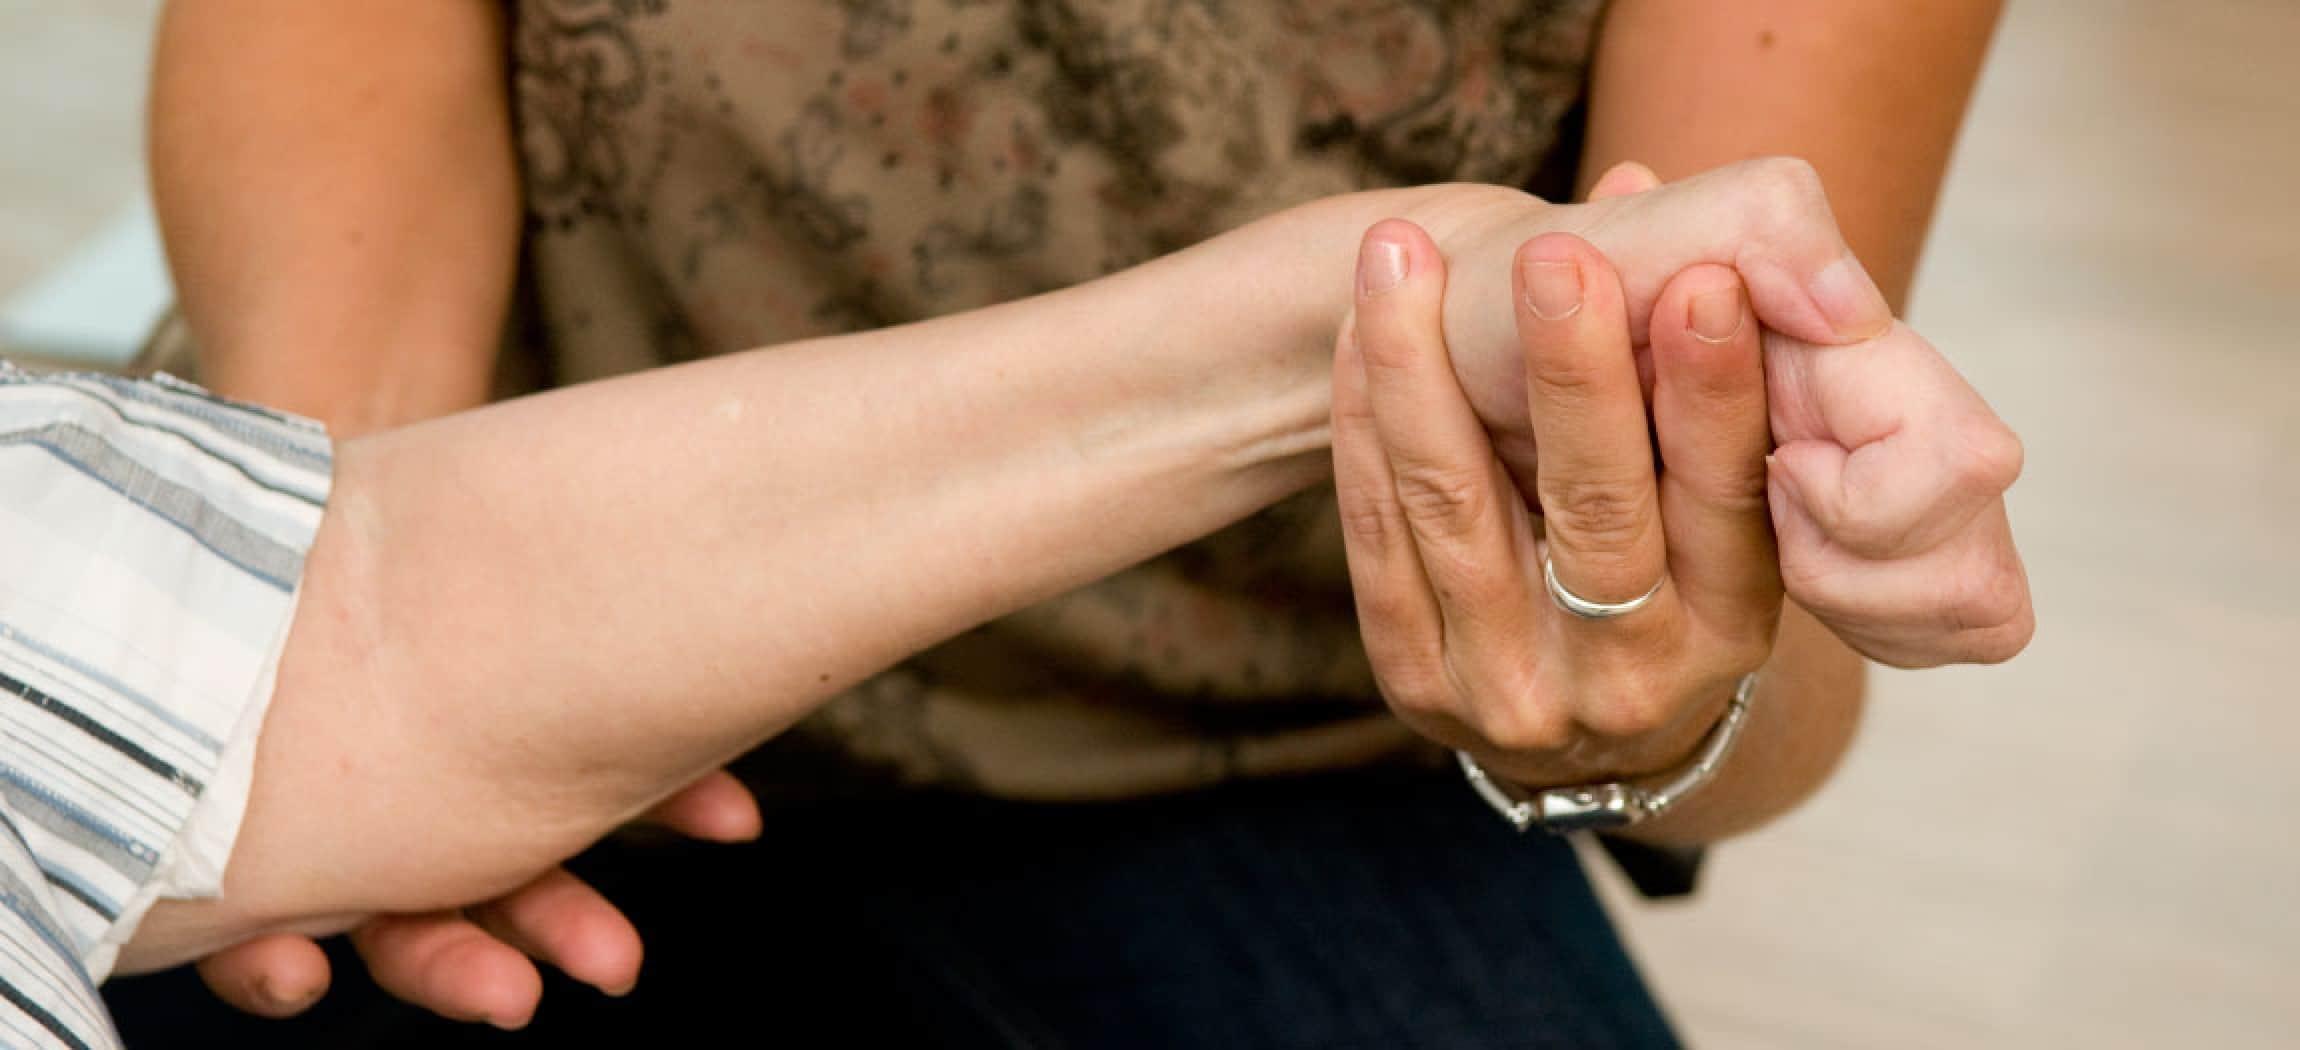 Fysiotherapie behandeld een verkrampte hand na beroerte CVA